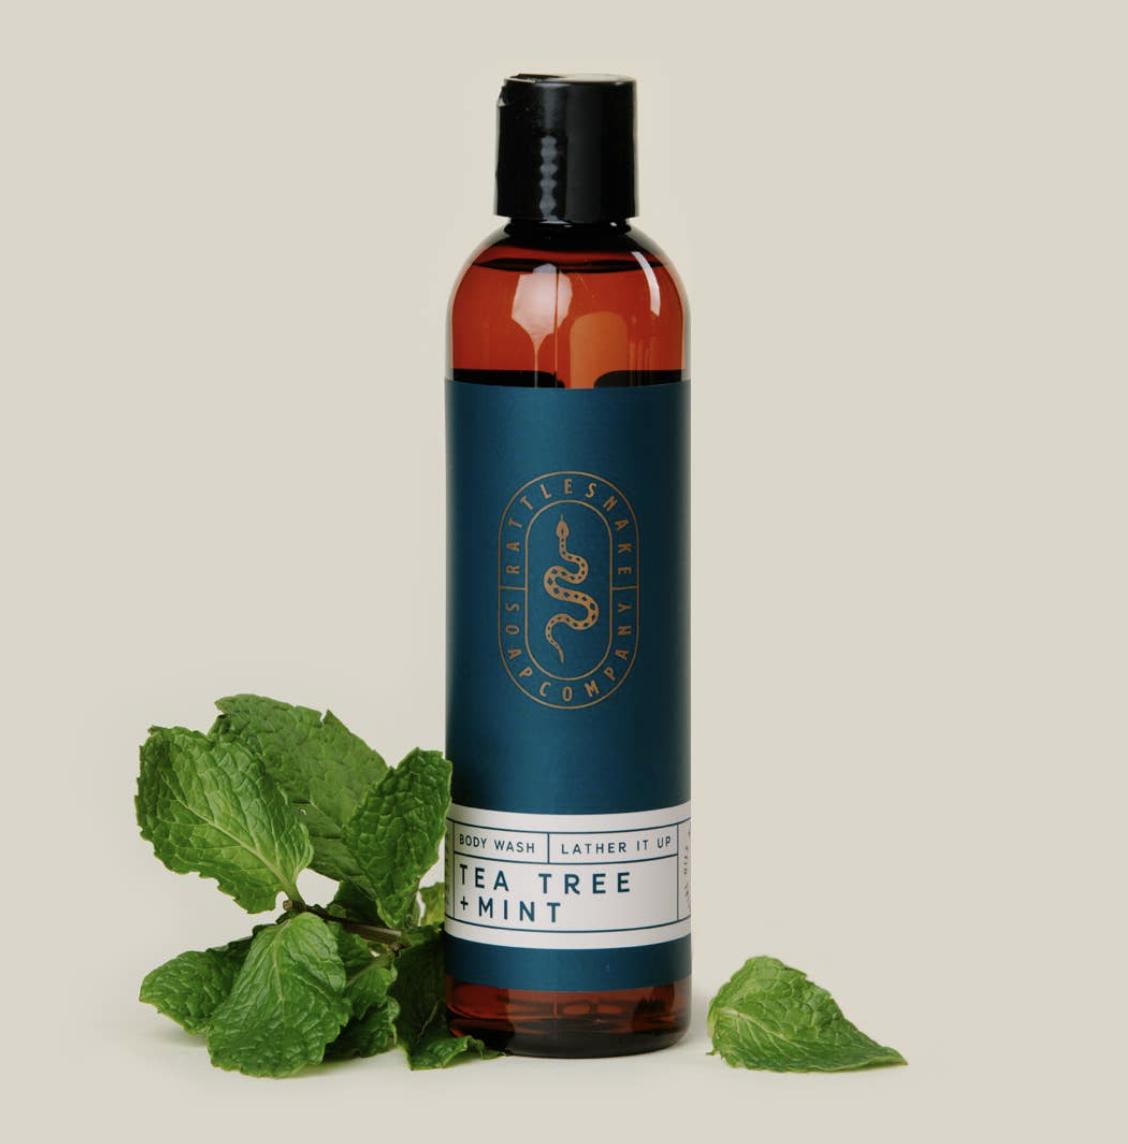 Tea Tree & Mint Body Wash, 8oz